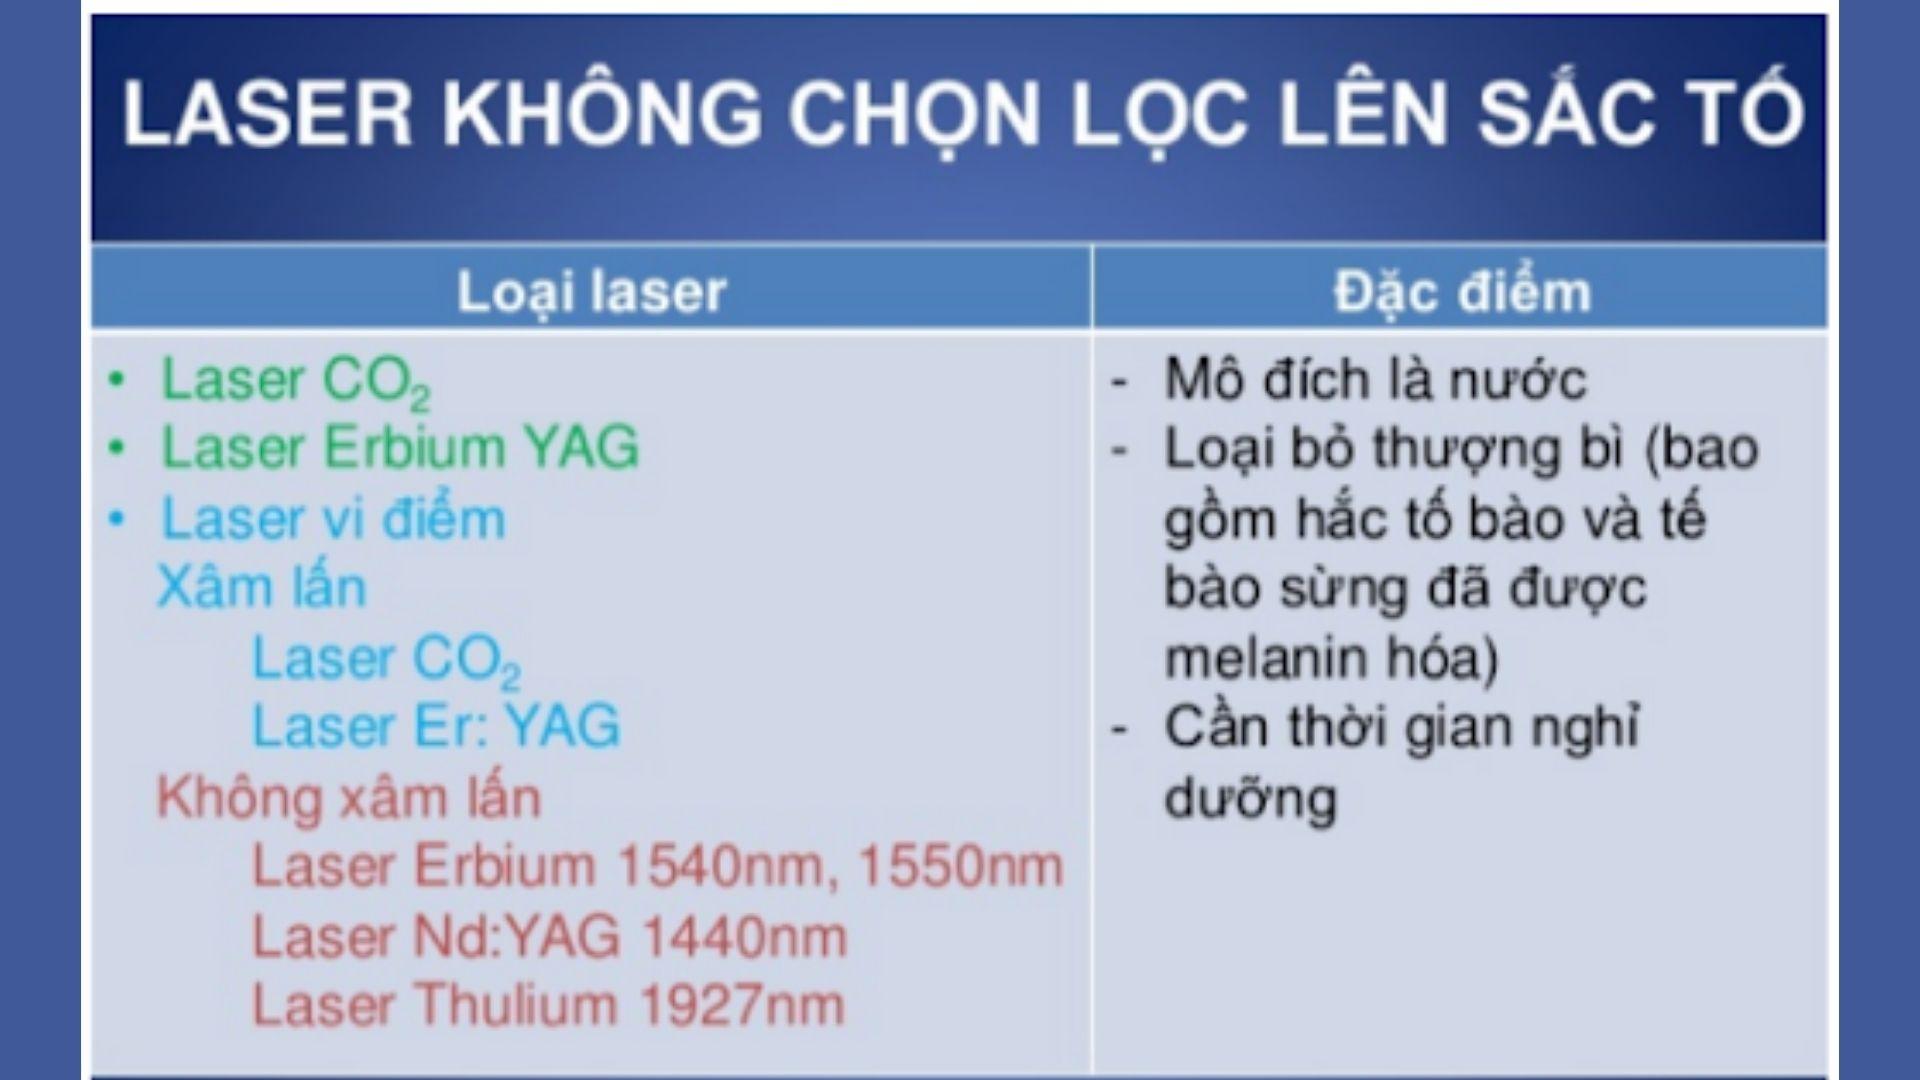 Laser không chọn lọc sắc tố